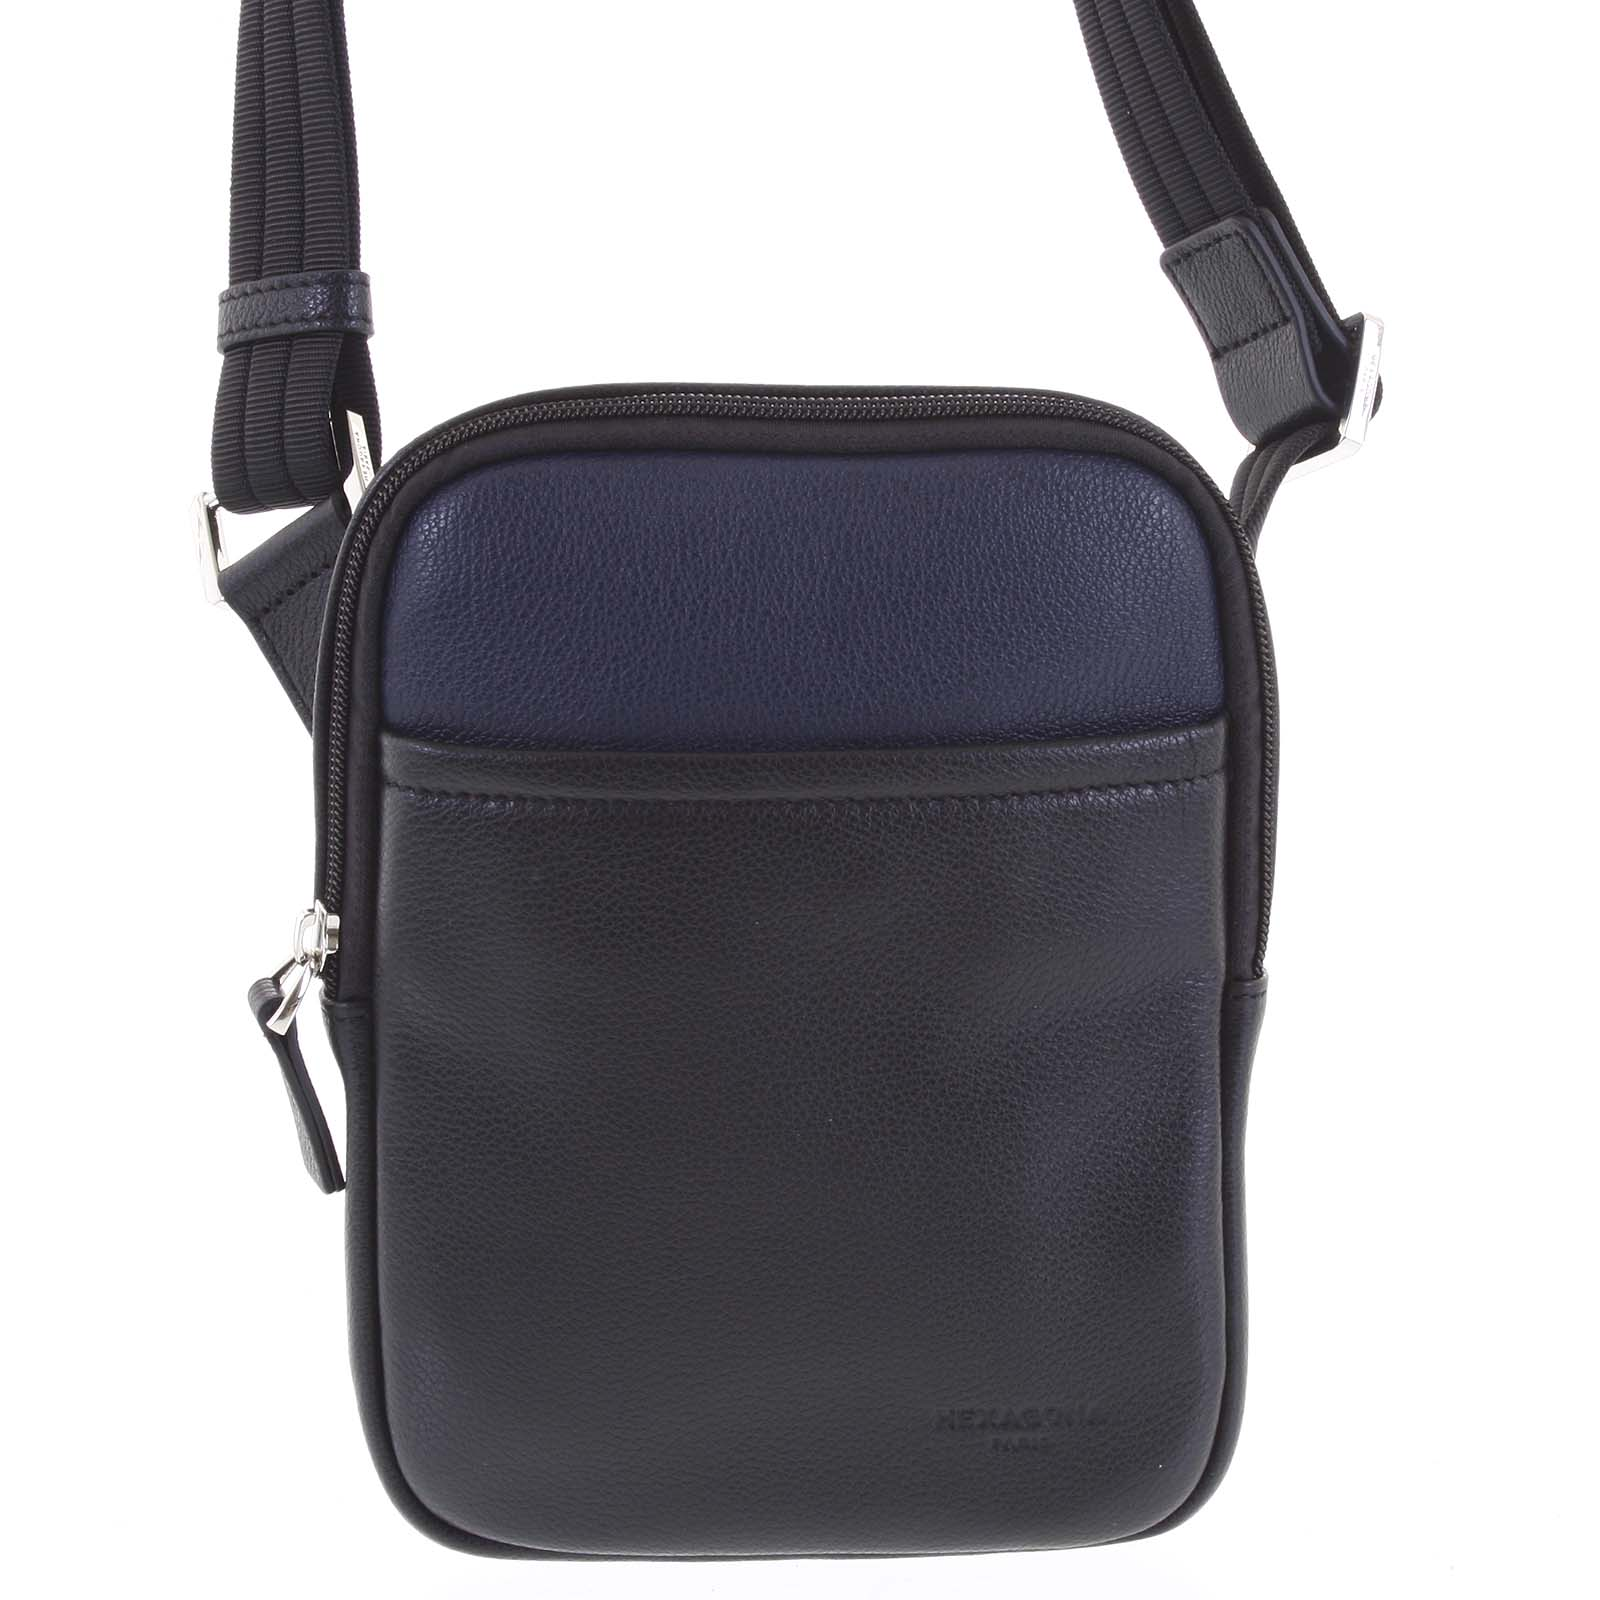 Pánská kožená taška na doklady černo modrá - Hexagona Tuesday